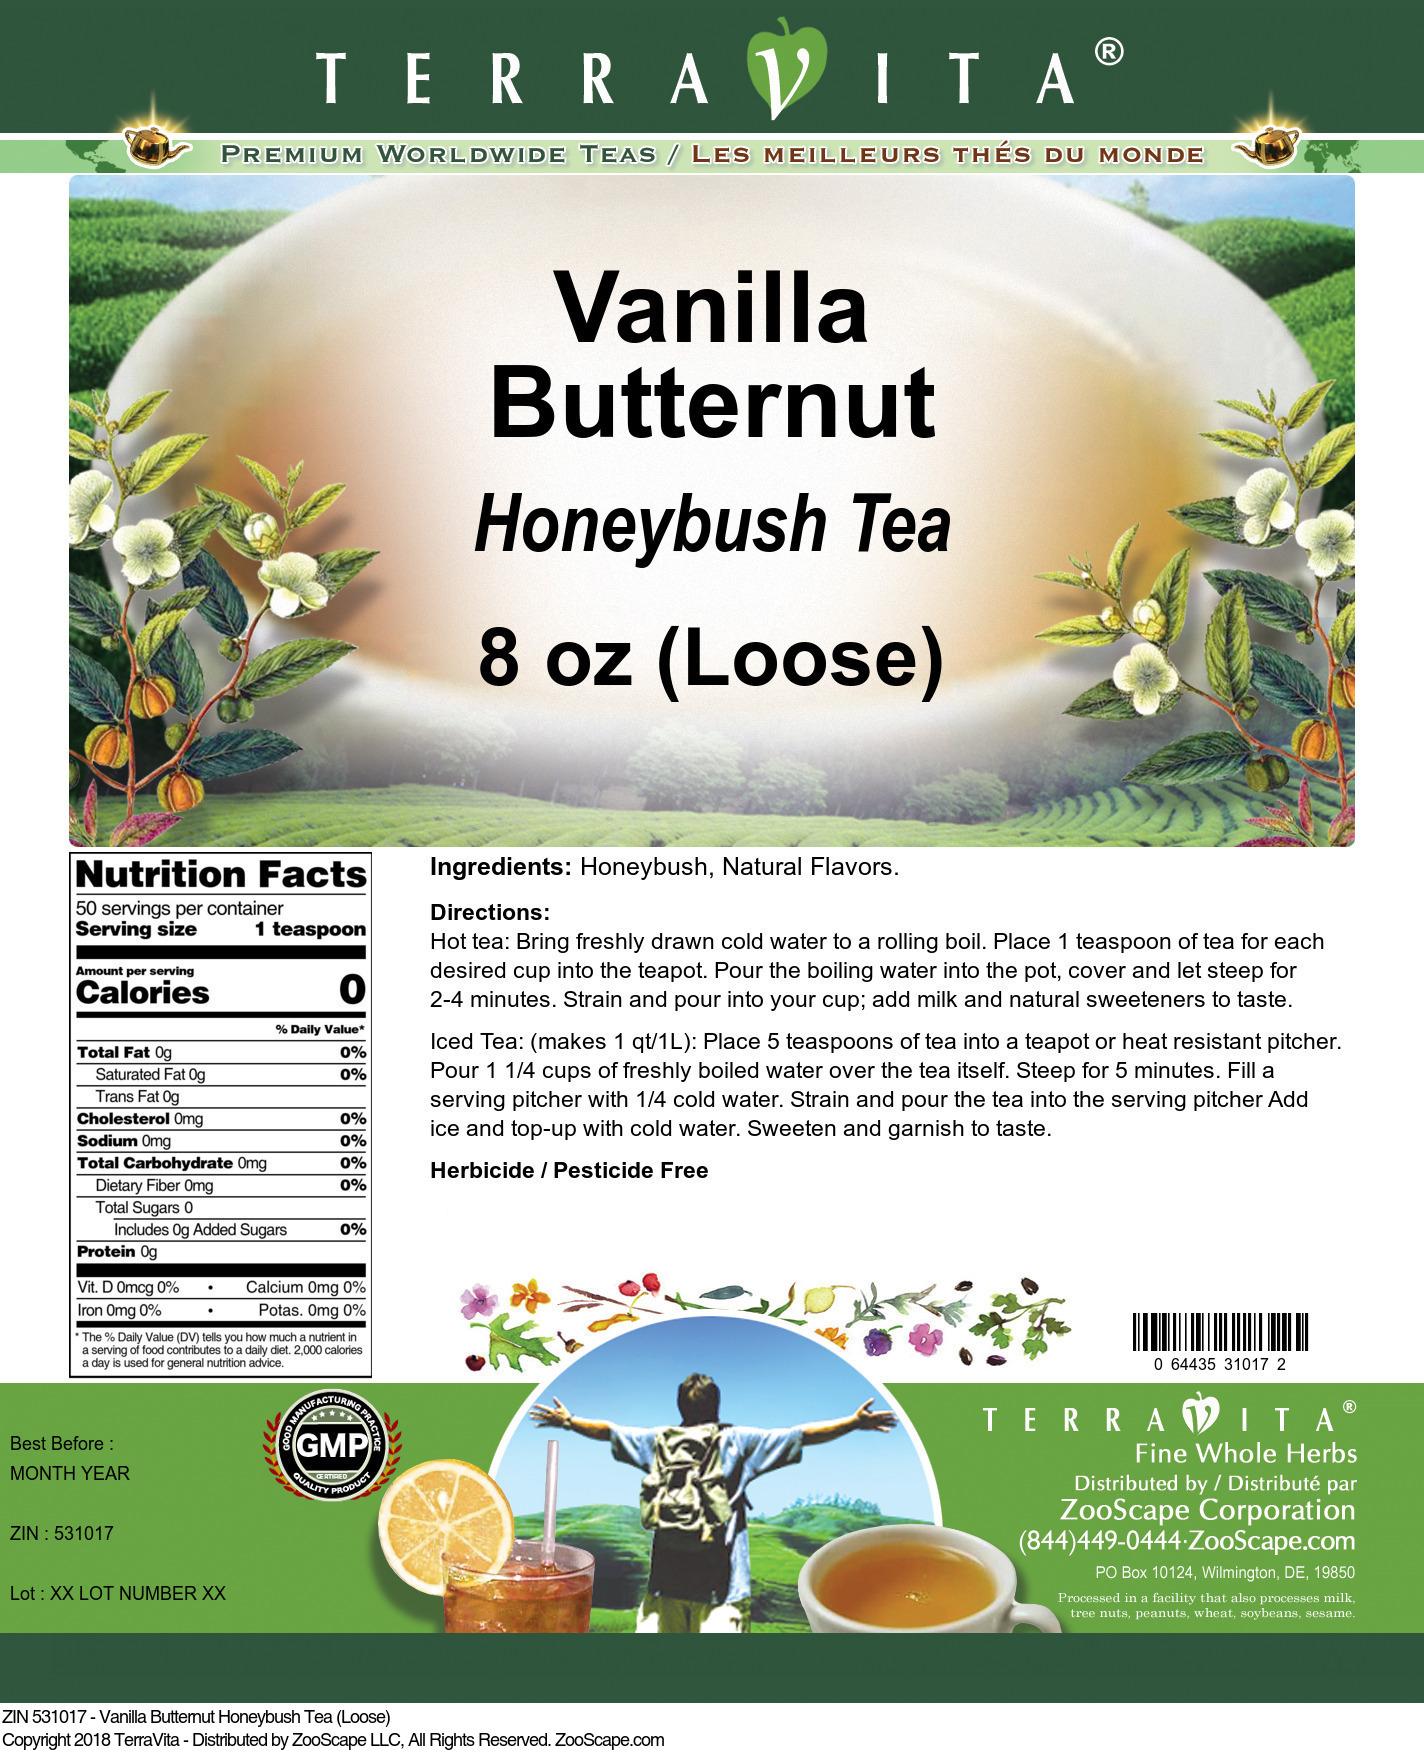 Vanilla Butternut Honeybush Tea